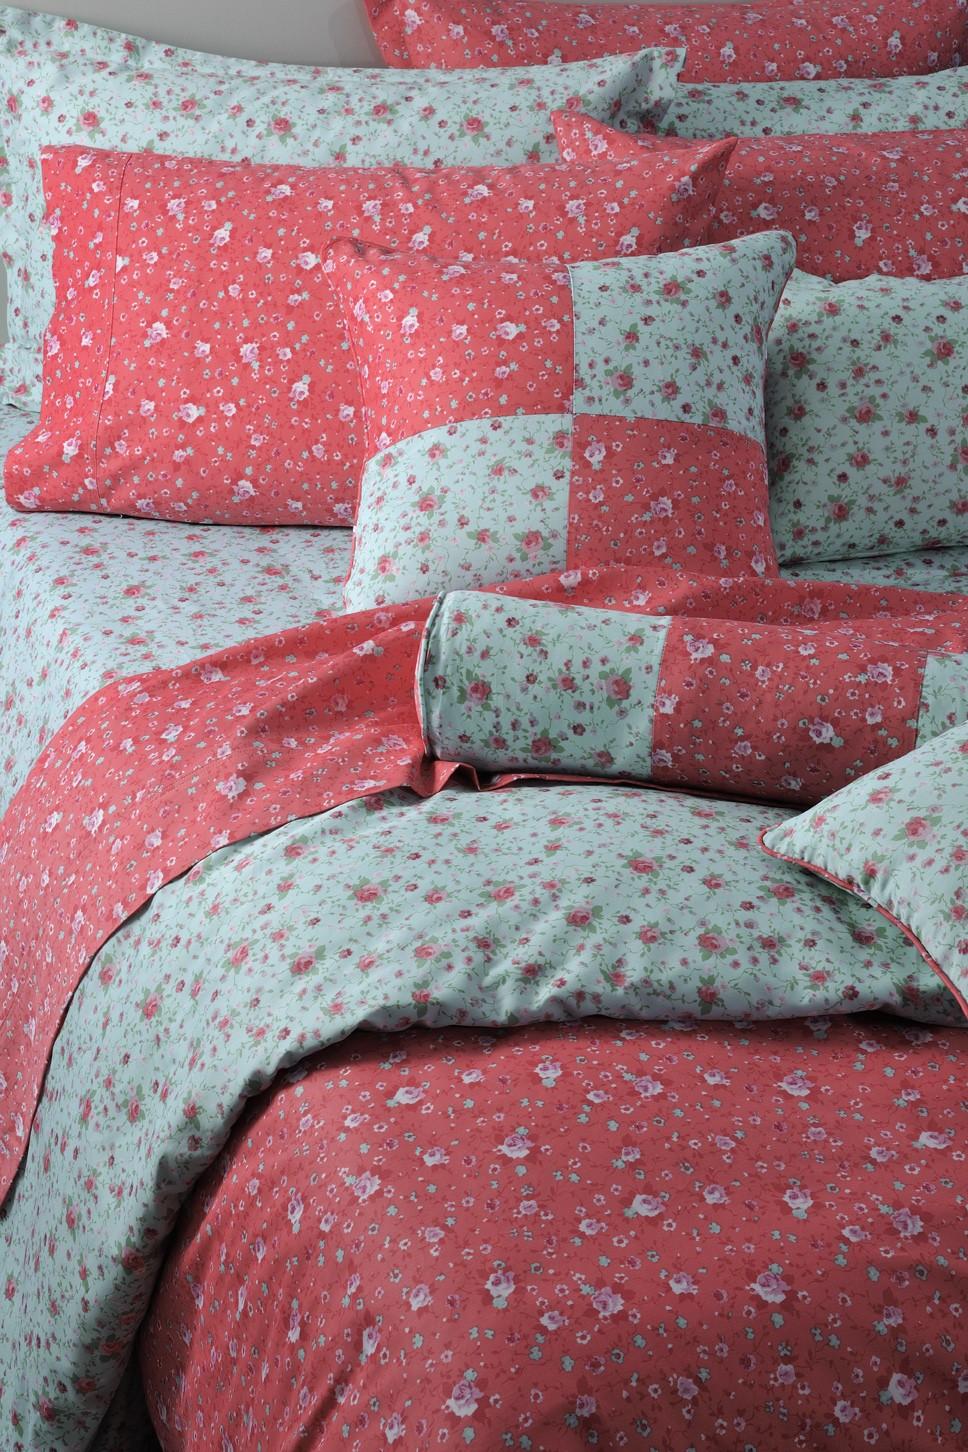 Κουβερλί Υπέρδιπλο (Σετ) Down Town Queen Annie Aqua S 632 home   κρεβατοκάμαρα   κουβερλί   κουβερλί υπέρδιπλα